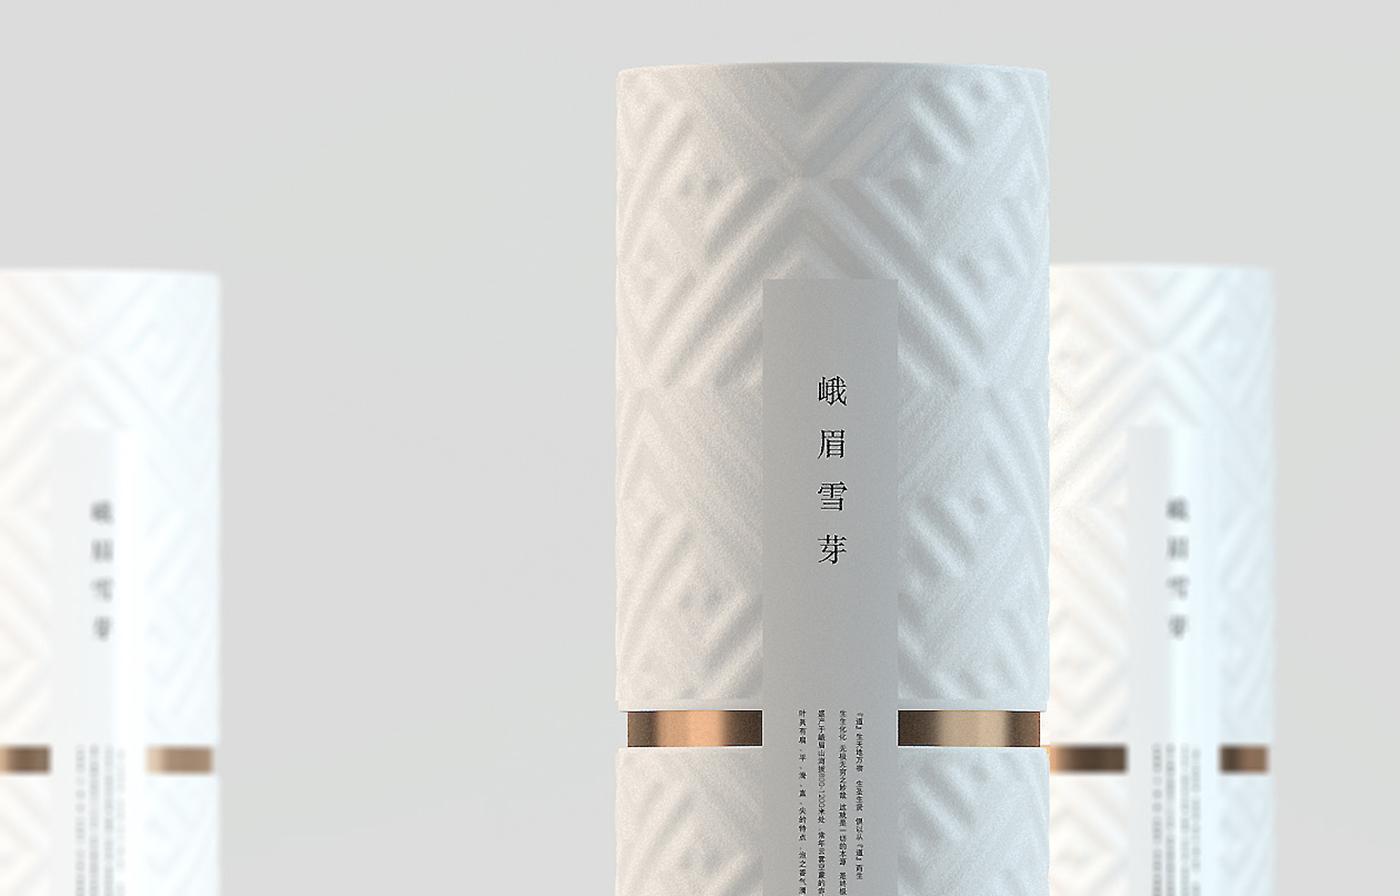 峨眉雪芽茶叶包装设计-简约大气茶叶包装设计